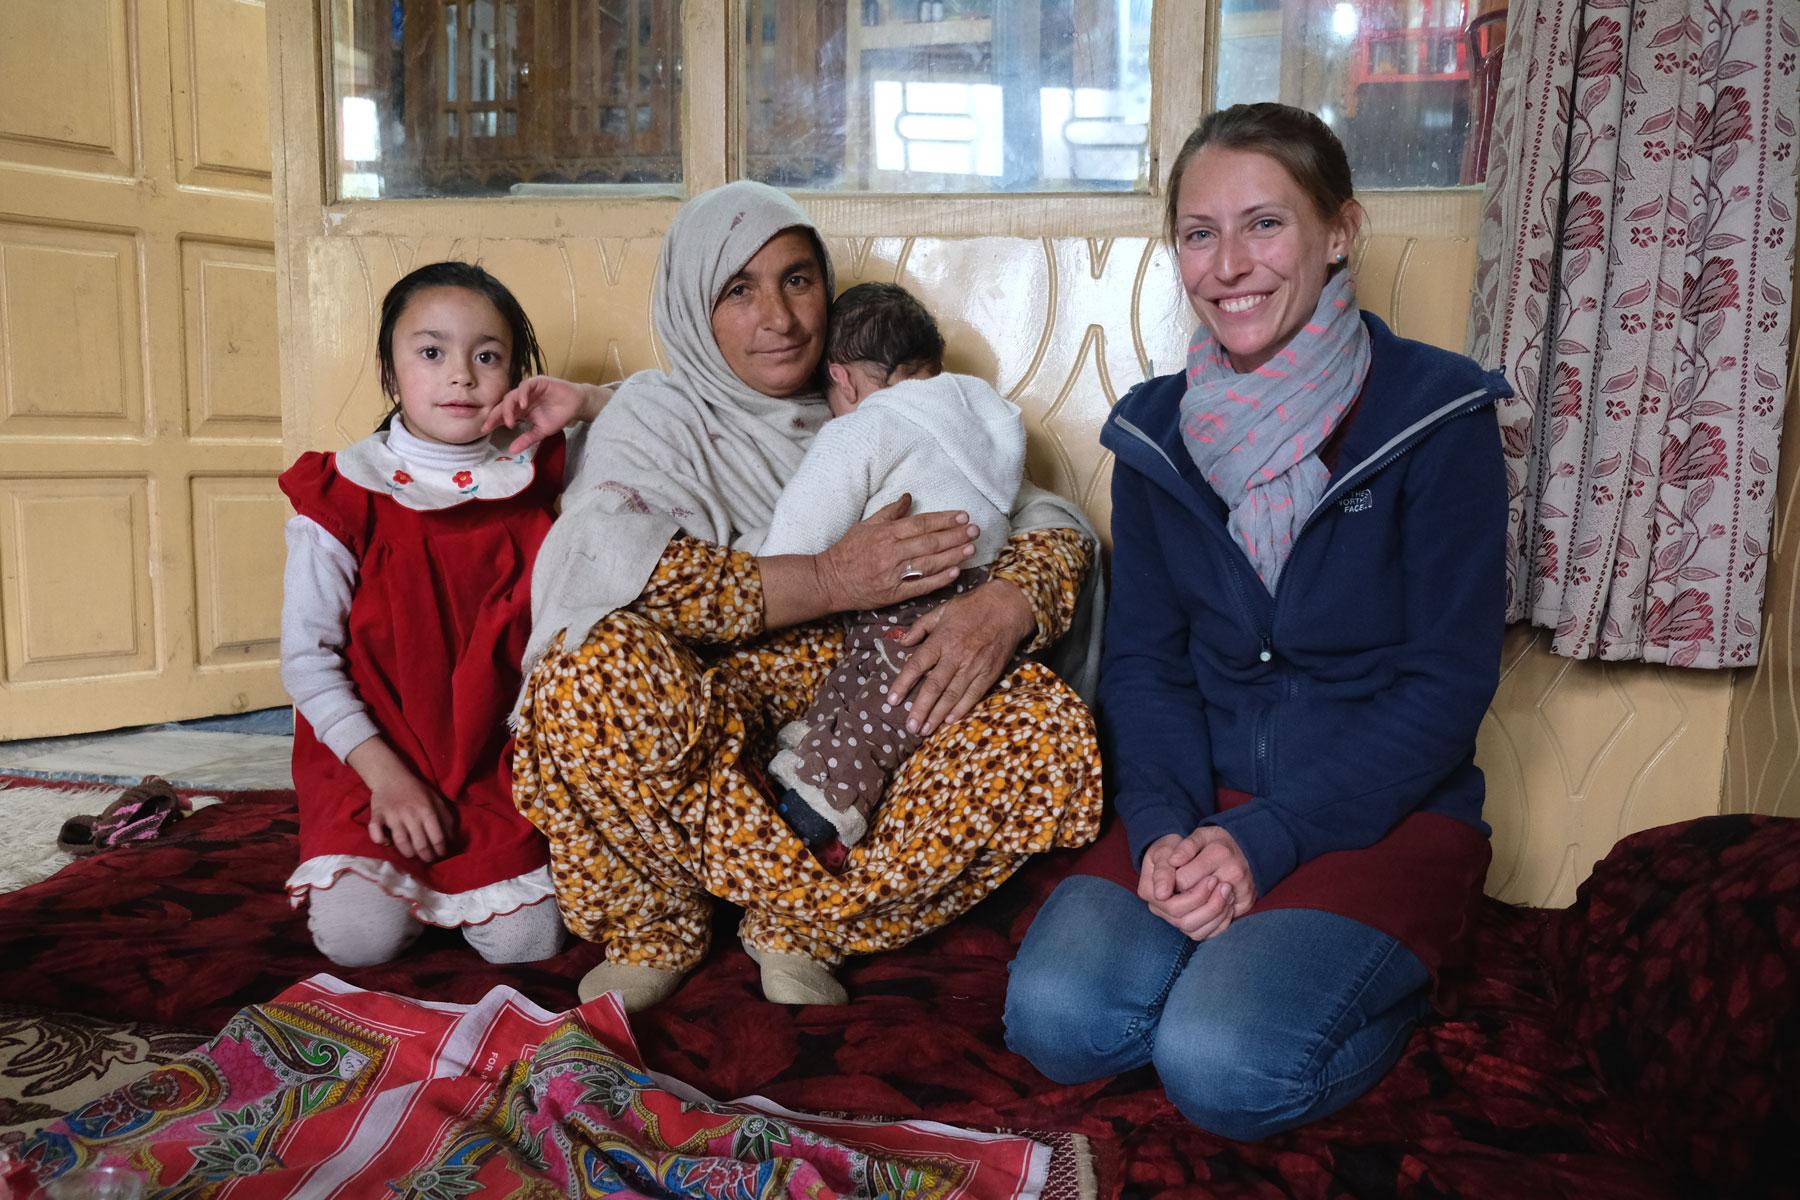 Leo neben einer pakistanischen Frau, die ein Baby auf dem Arm hält.